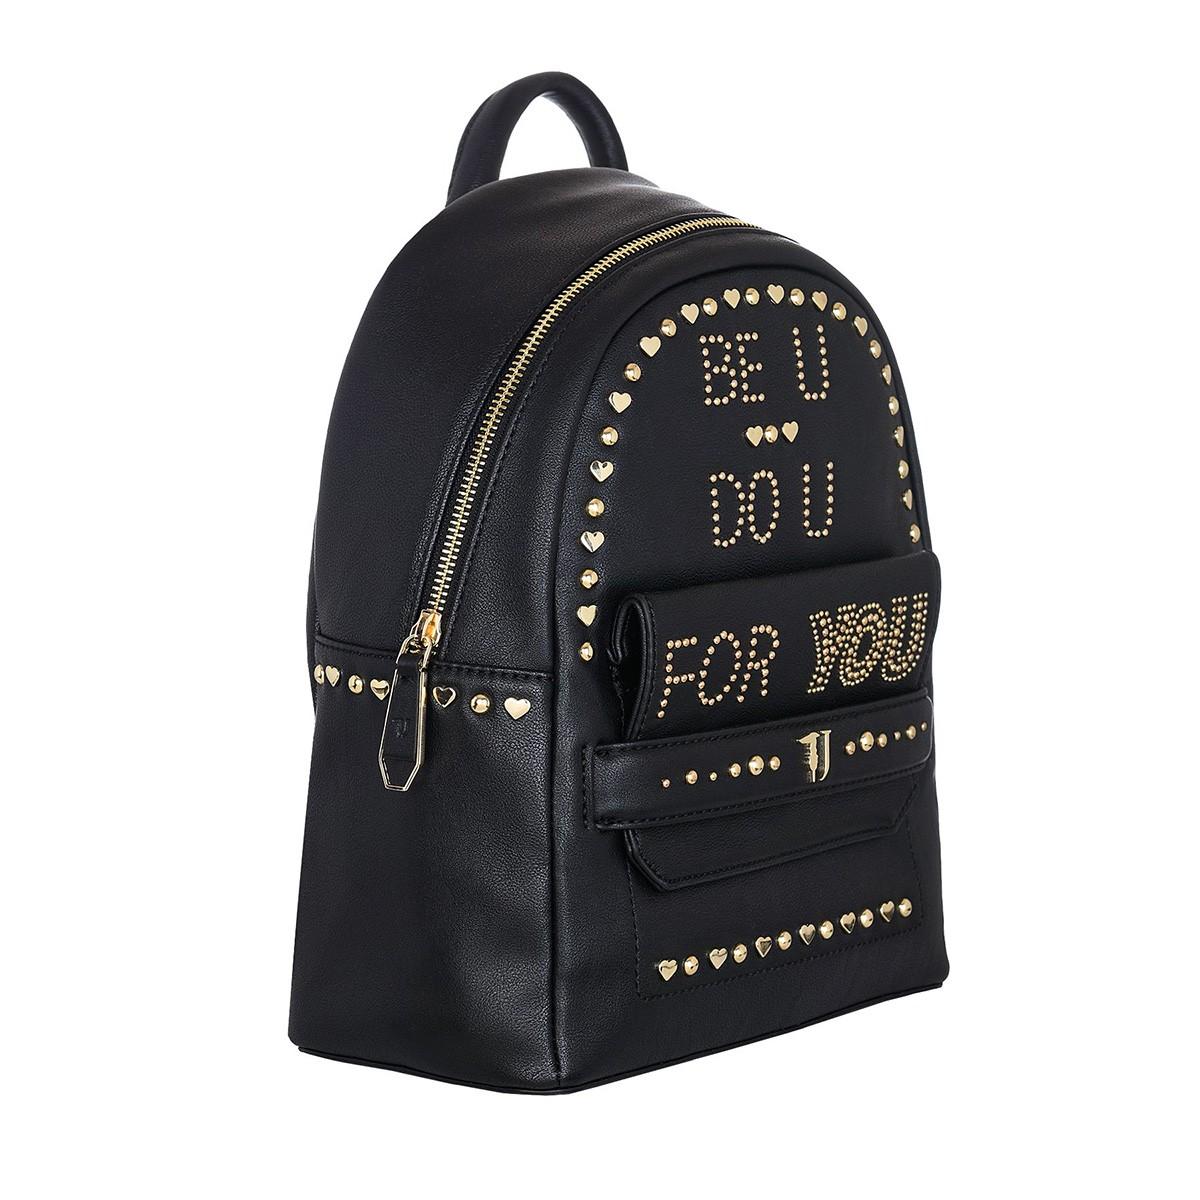 8bbd1cce15 Σακίδιο Πλάτης Trussardi Jeans Studded Paprica Backpack 75B00557-K299 Μαύρο